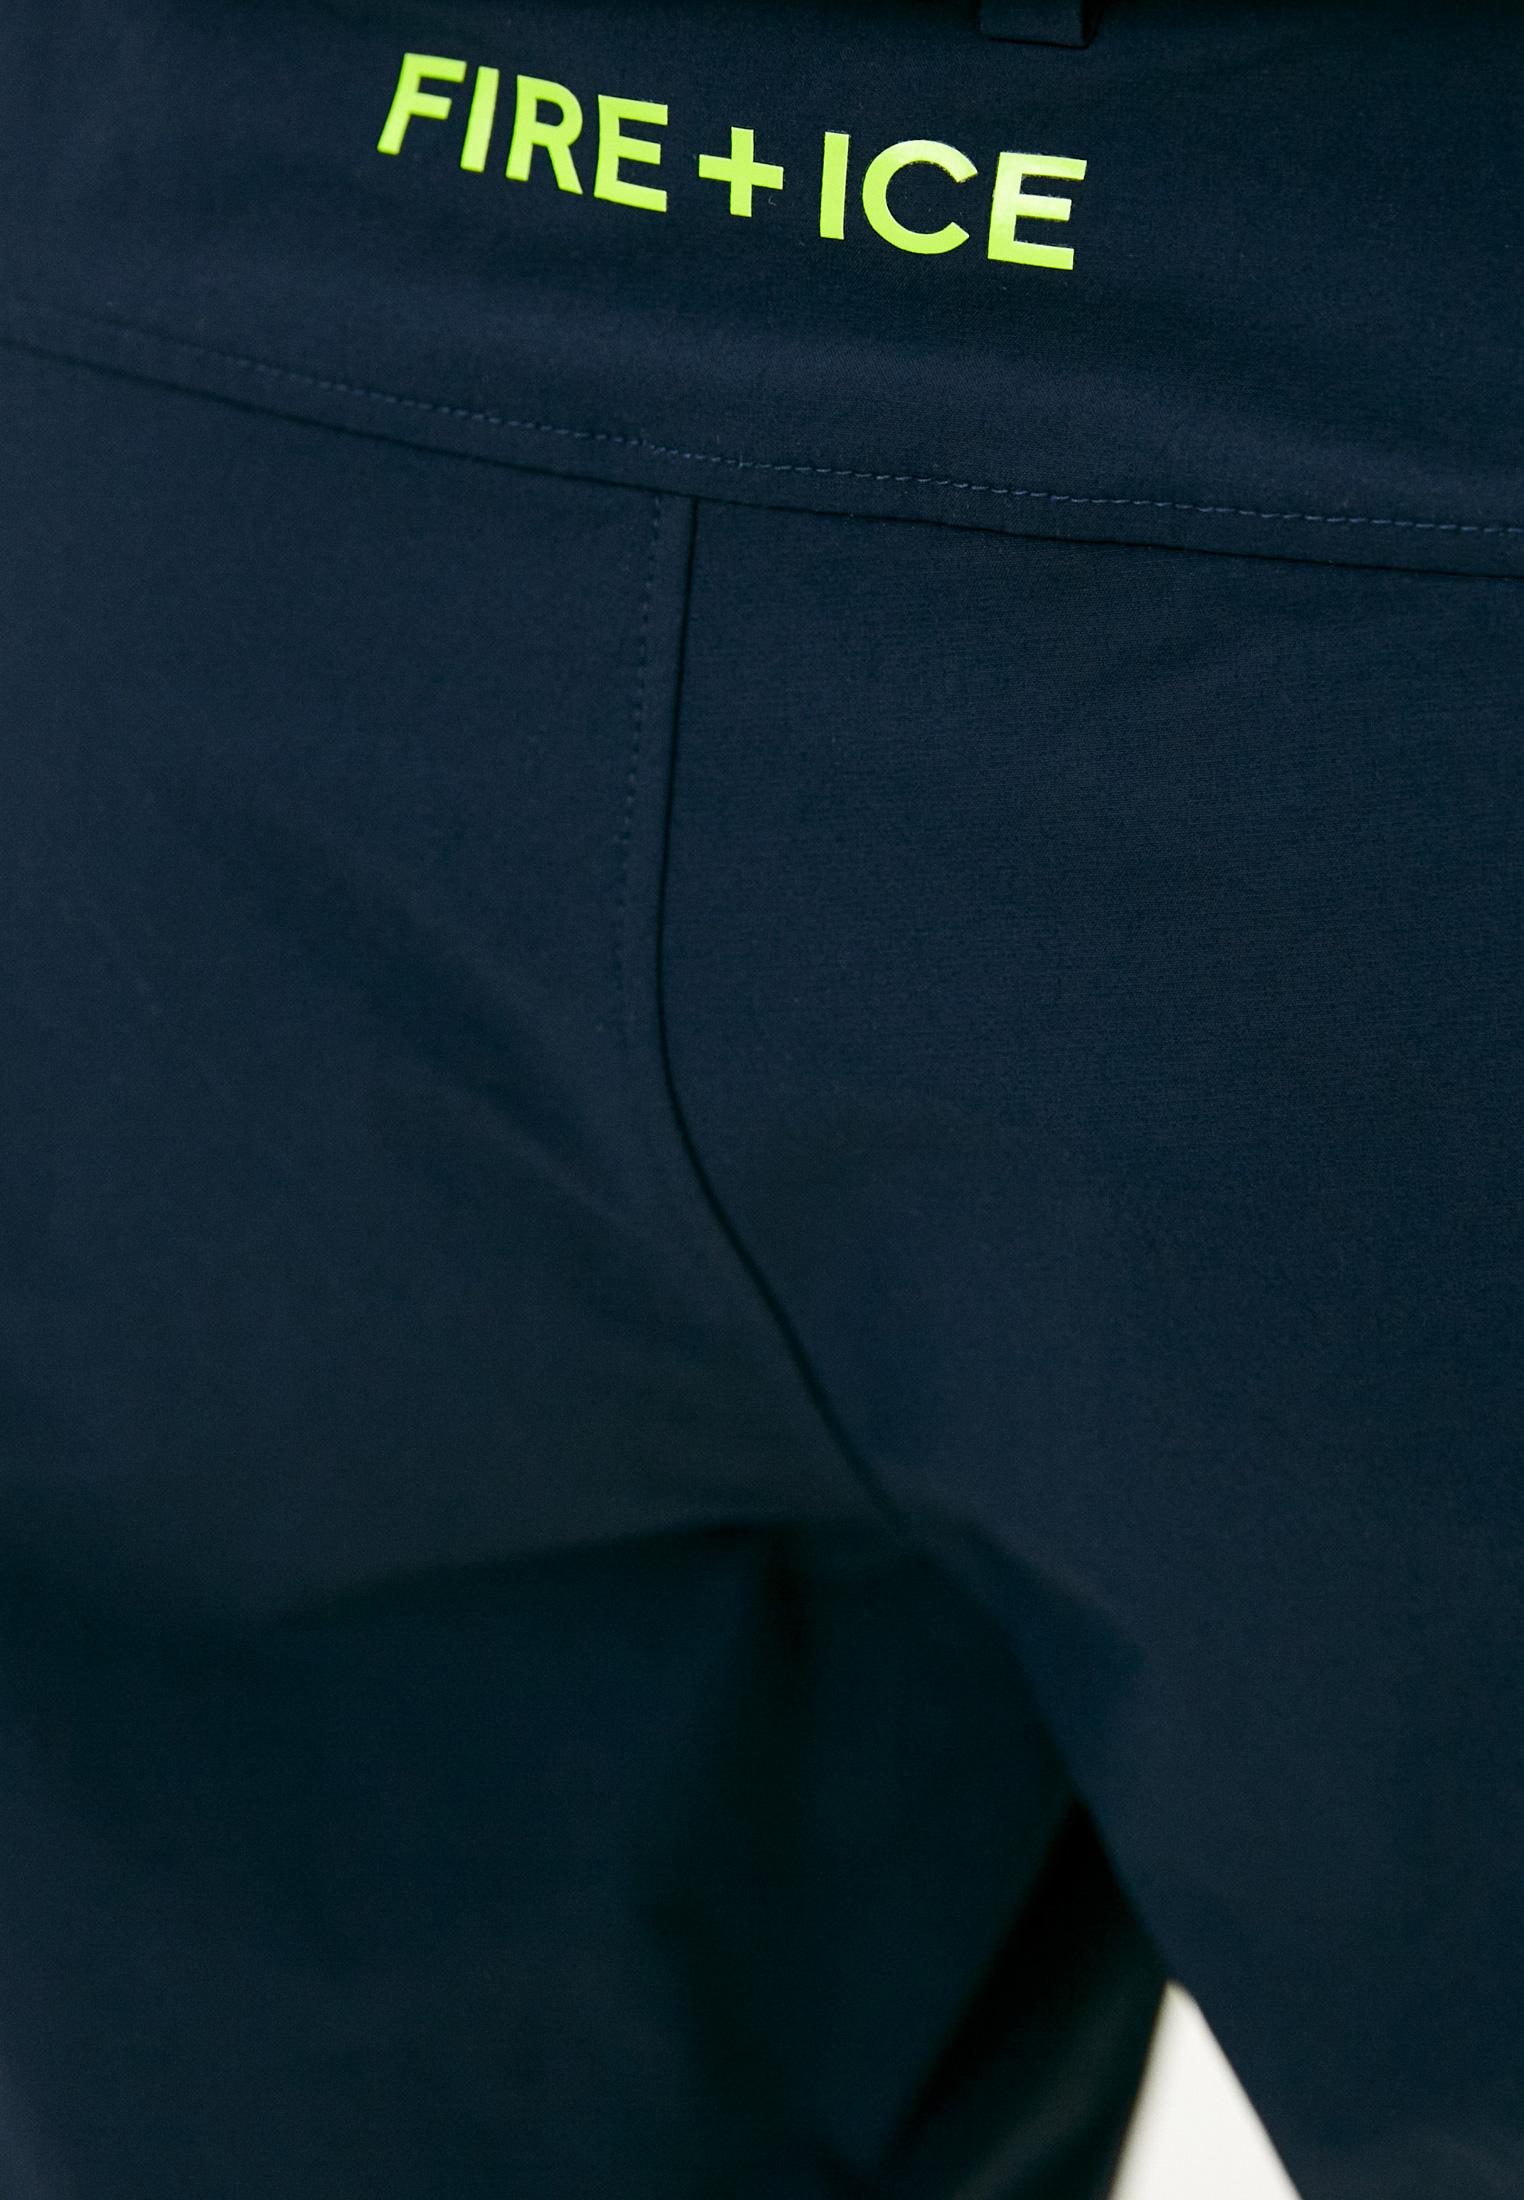 Женские повседневные шорты Bogner Fire+Ice 14716539: изображение 5